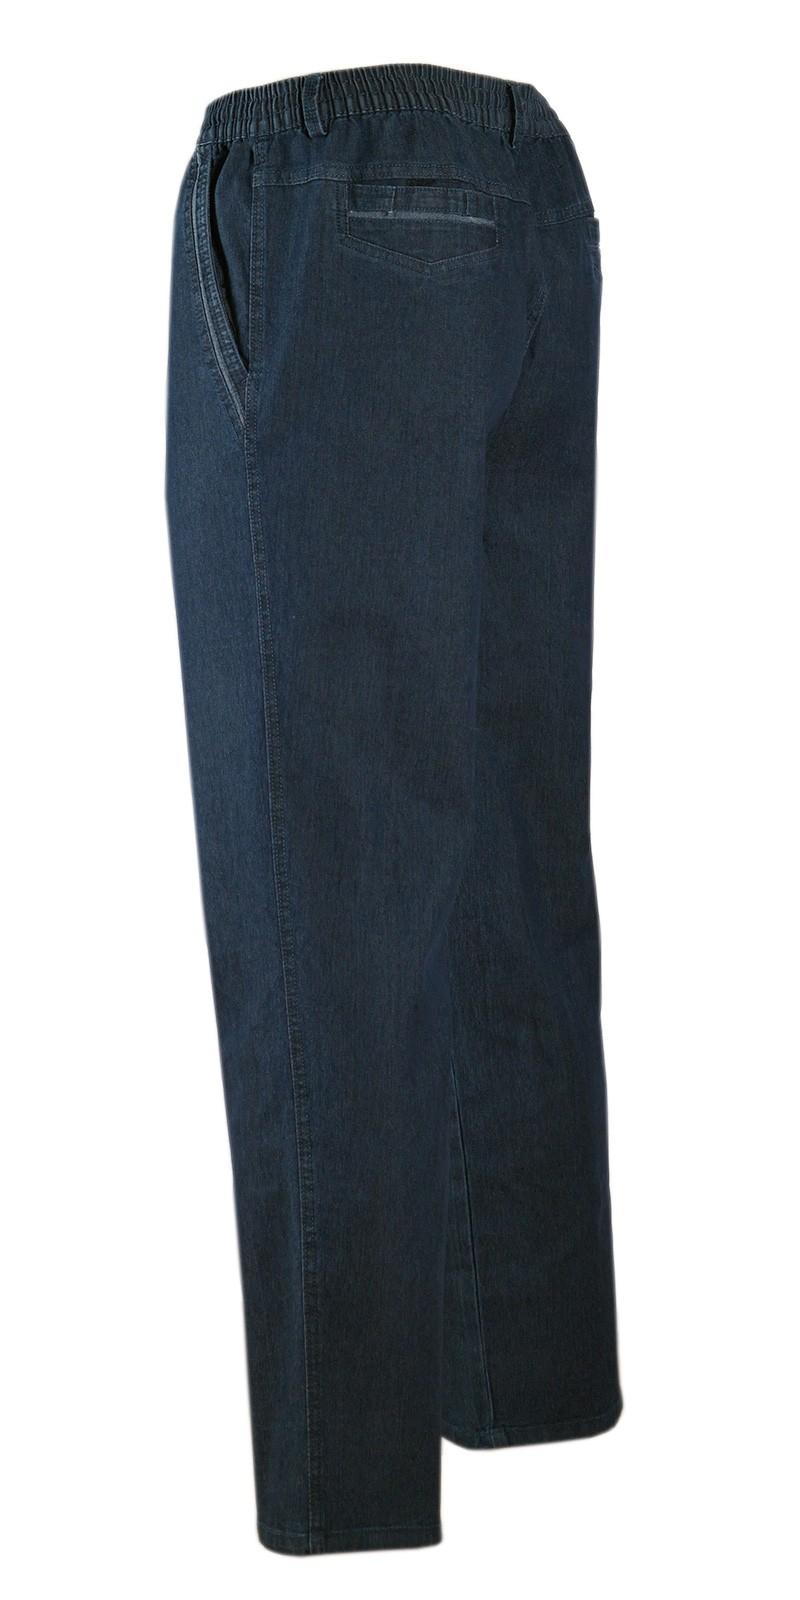 Herren Jeans Stretch Schlupfhose Schlupfjeans ohne Cargo-Taschen dunkelblau